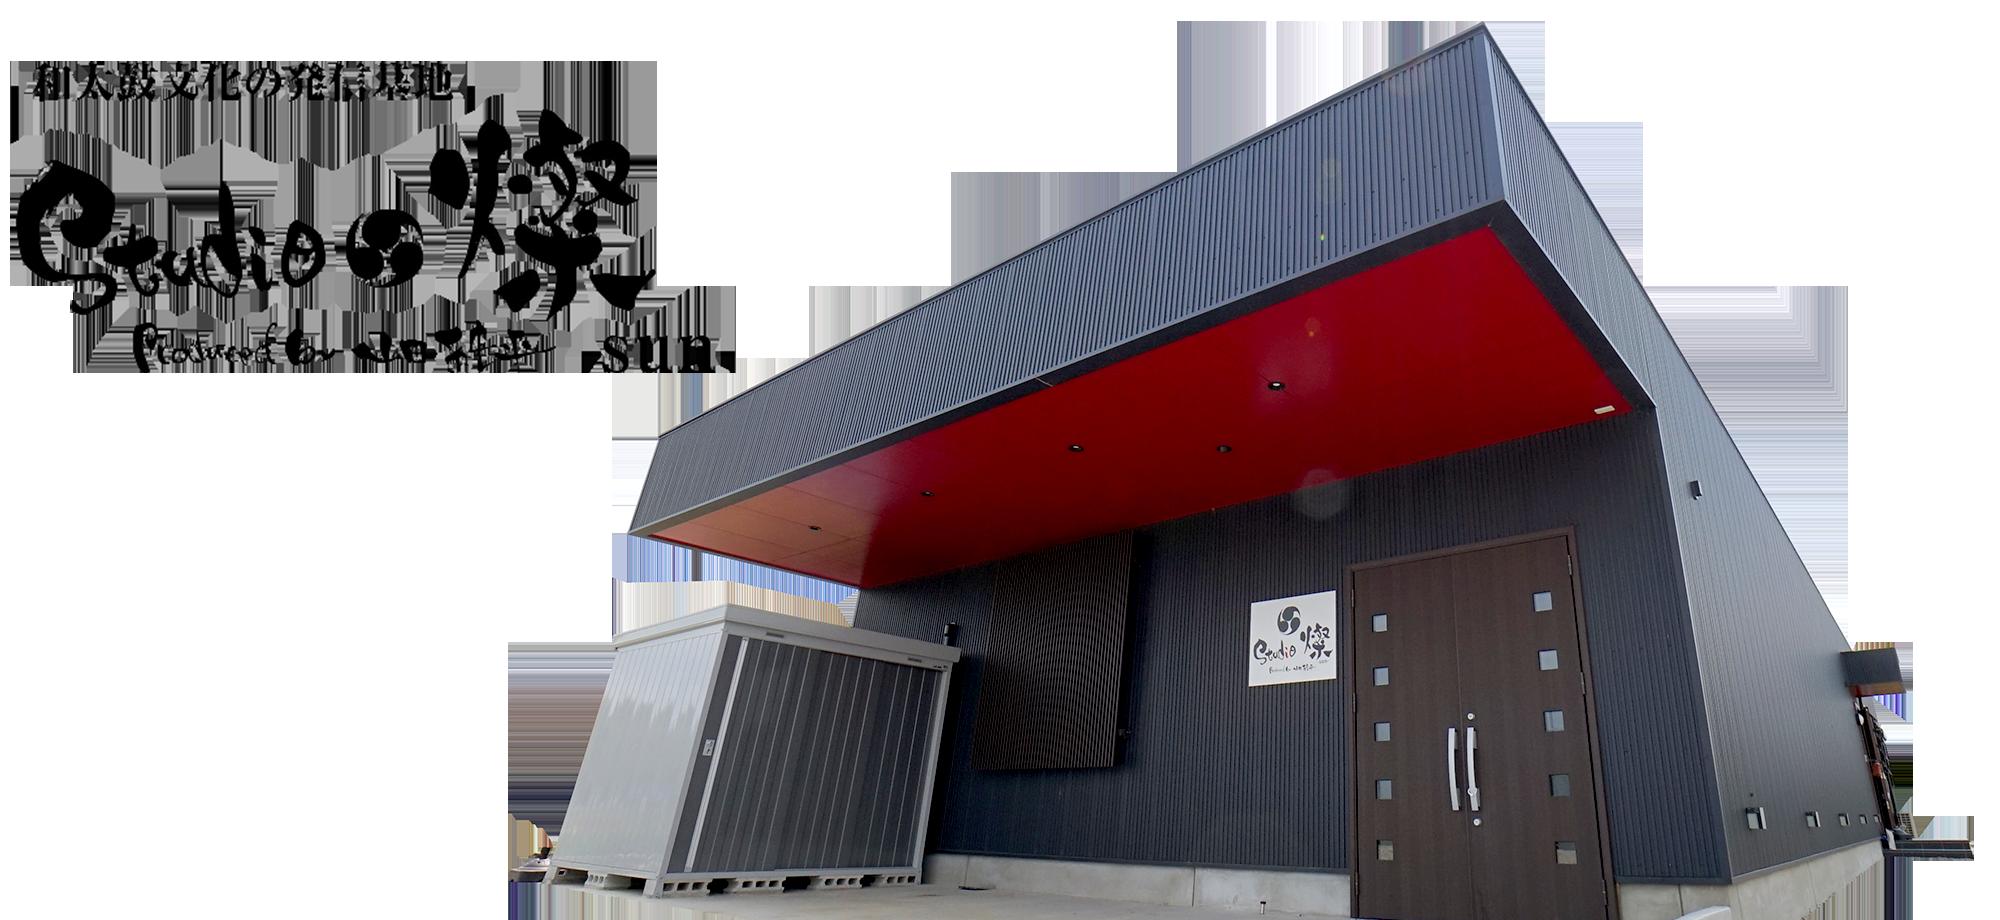 スタジオ燦 | 和太鼓教室・出張指導・貸スタジオ(常時太鼓10台以上完備)・演奏チーム派遣